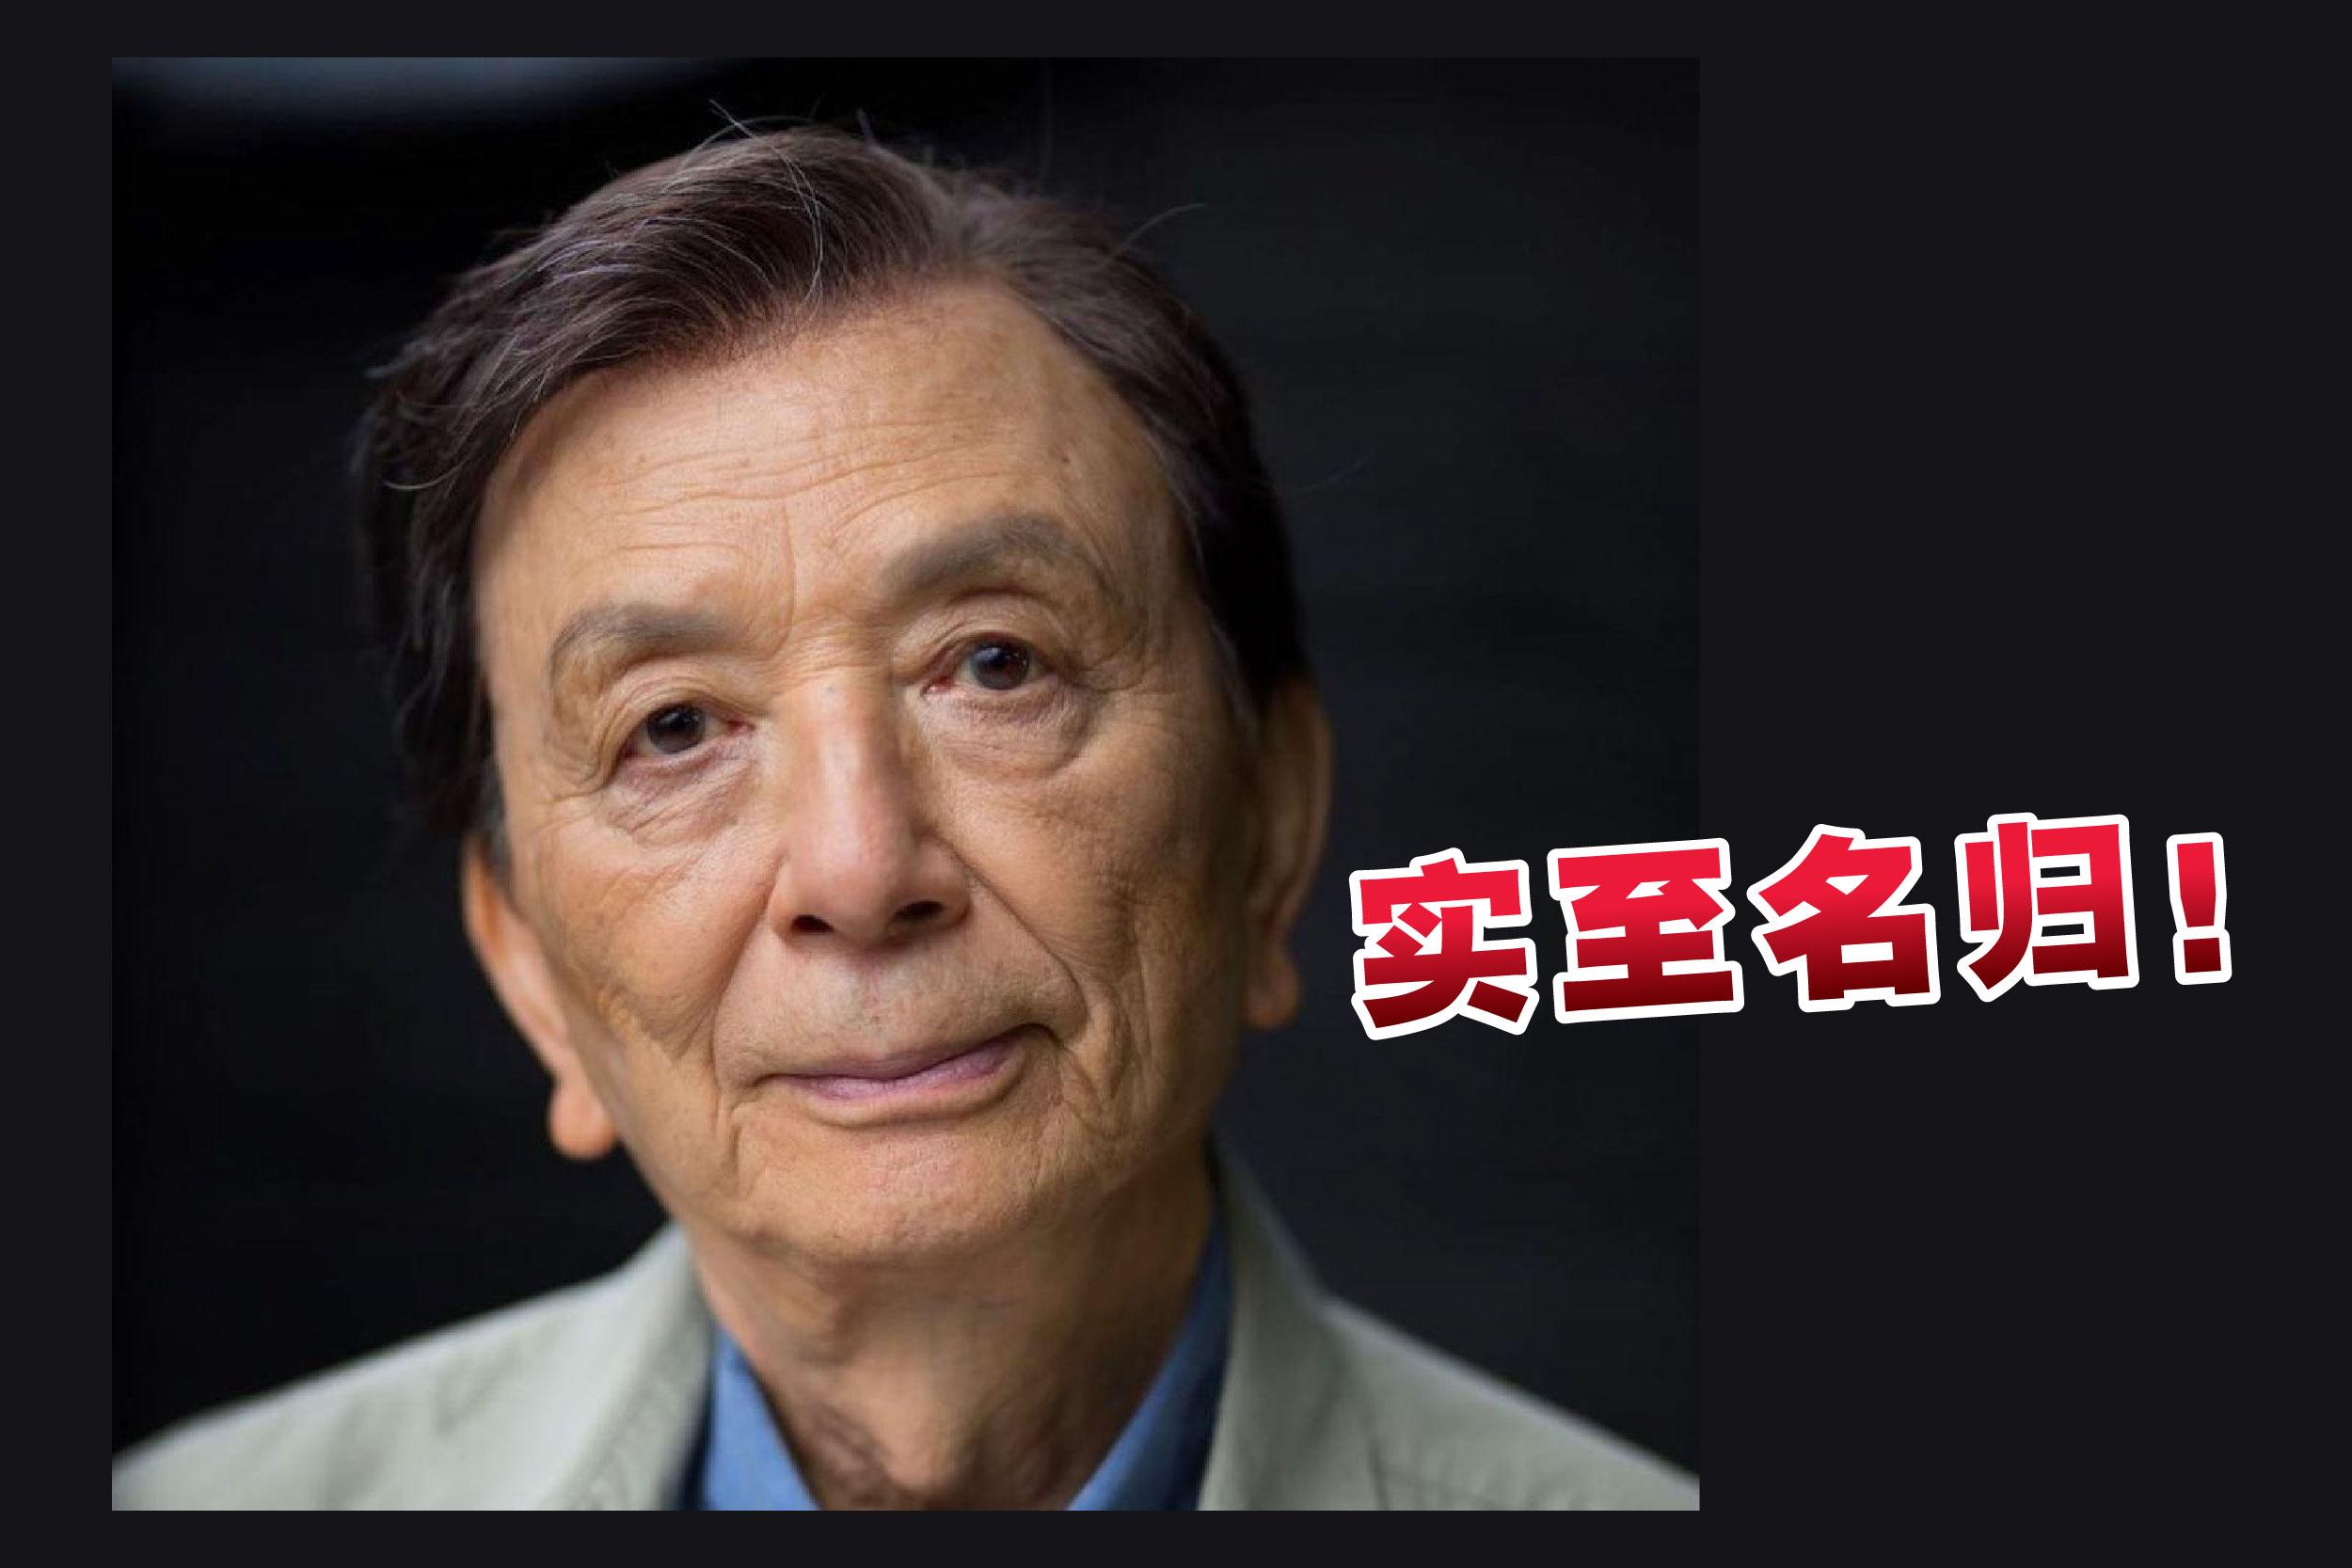 吴汉章在出道七十多年,交出600多部影视作品后,终于入选亚洲名人堂,并获得终身成就奖!-摘自亚洲名人堂Instagram/精彩大马制图-